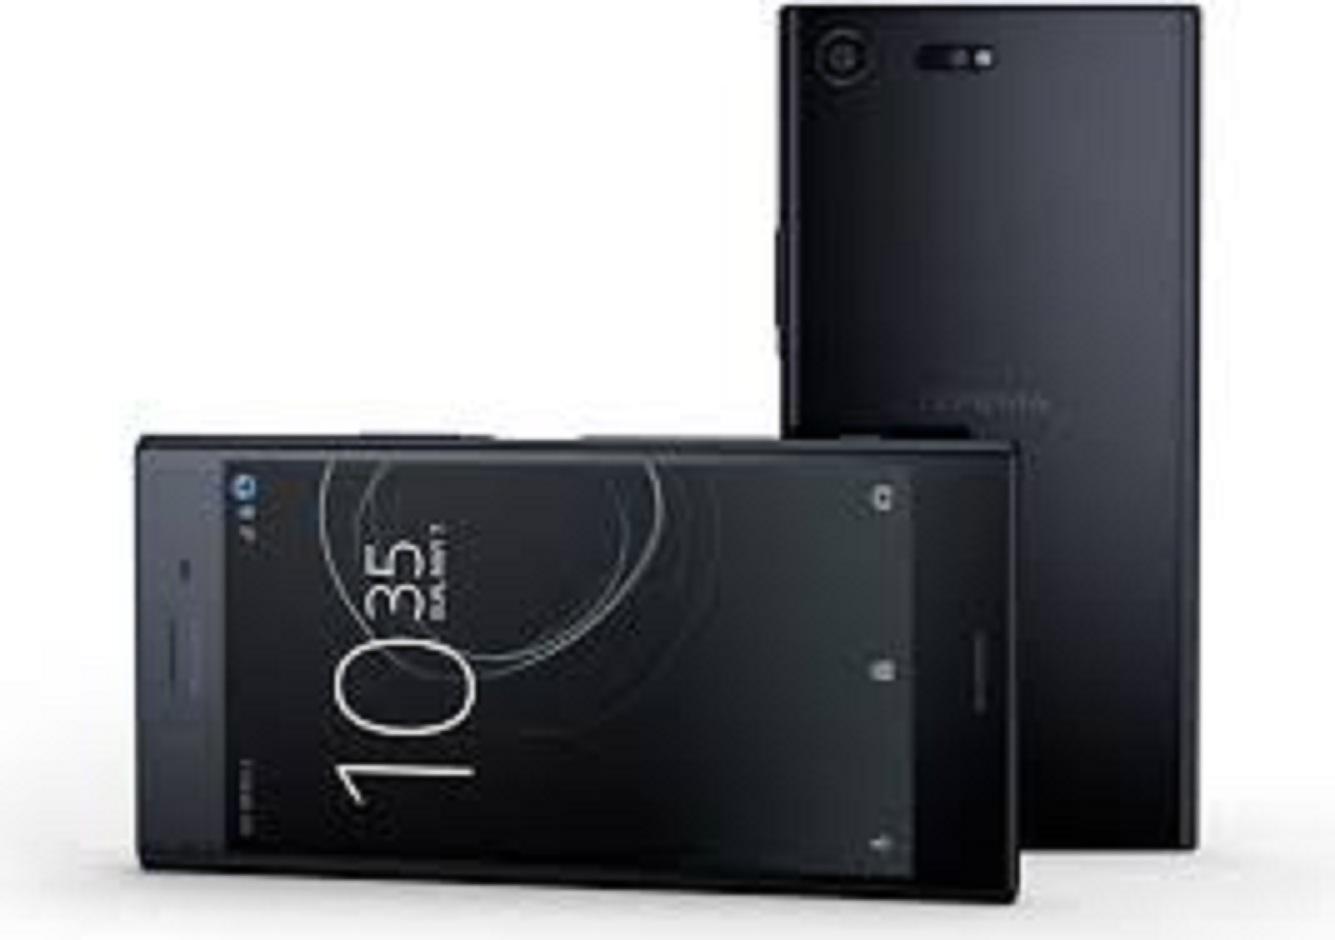 Sony Xperia XZ Premium 2sim ram 4G/64G mới Chính hãng - Chơi PUBG/Free Fire mướt